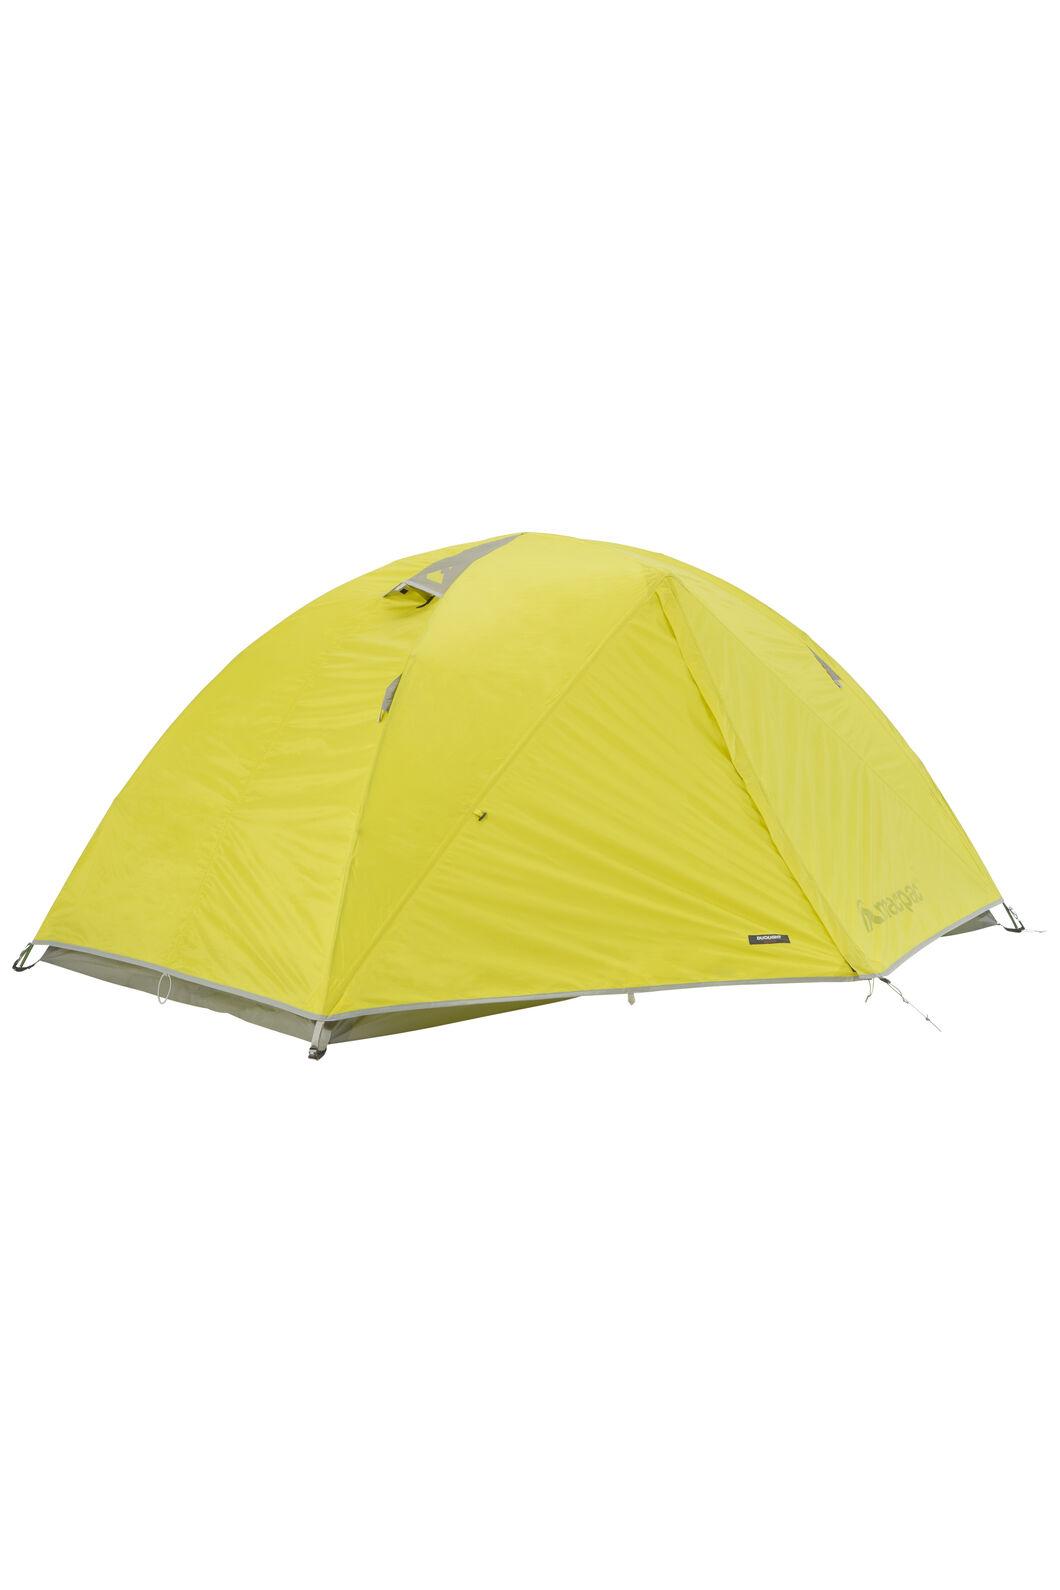 Macpac Duolight Tramping Tent, Citronelle, hi-res